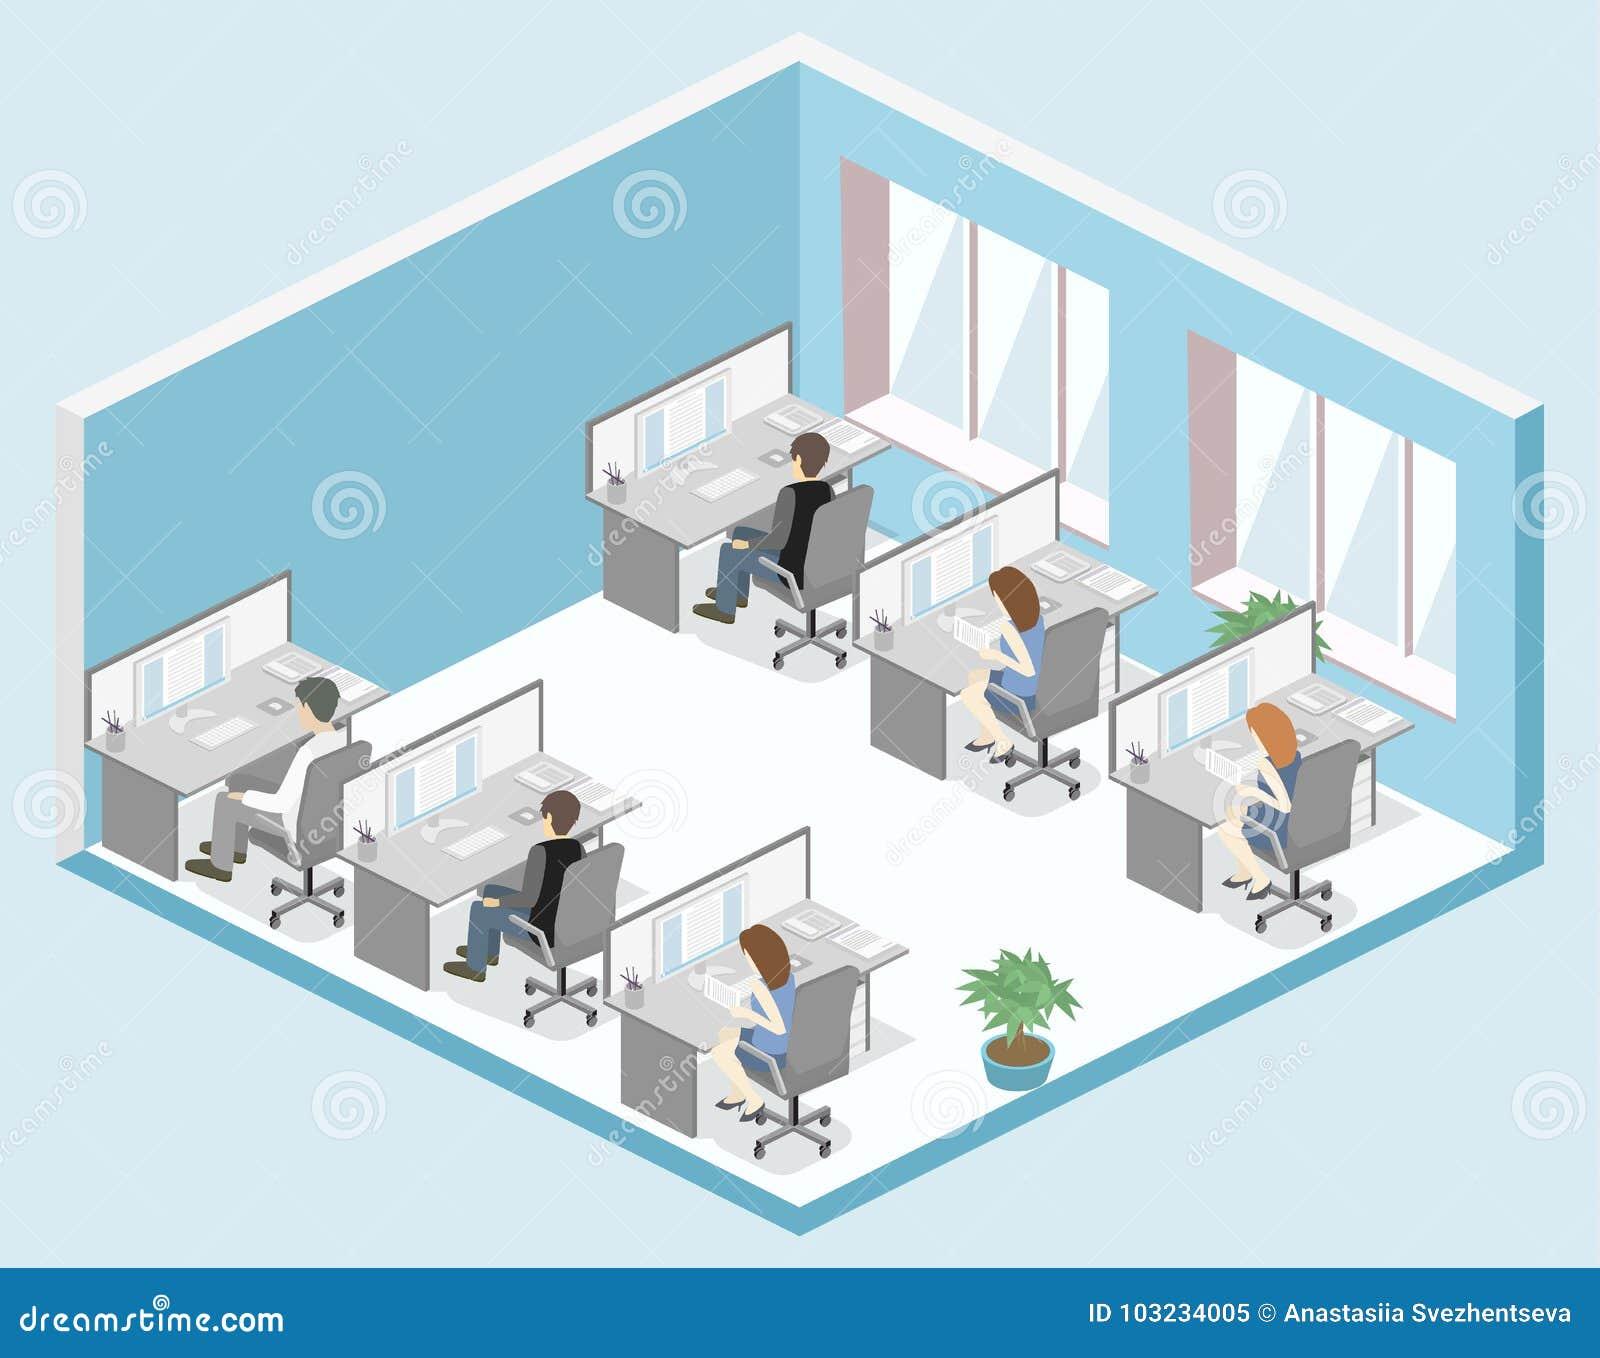 3d Floor Plan Isometric: Flat 3d Isometric Office Floor Interior Departments